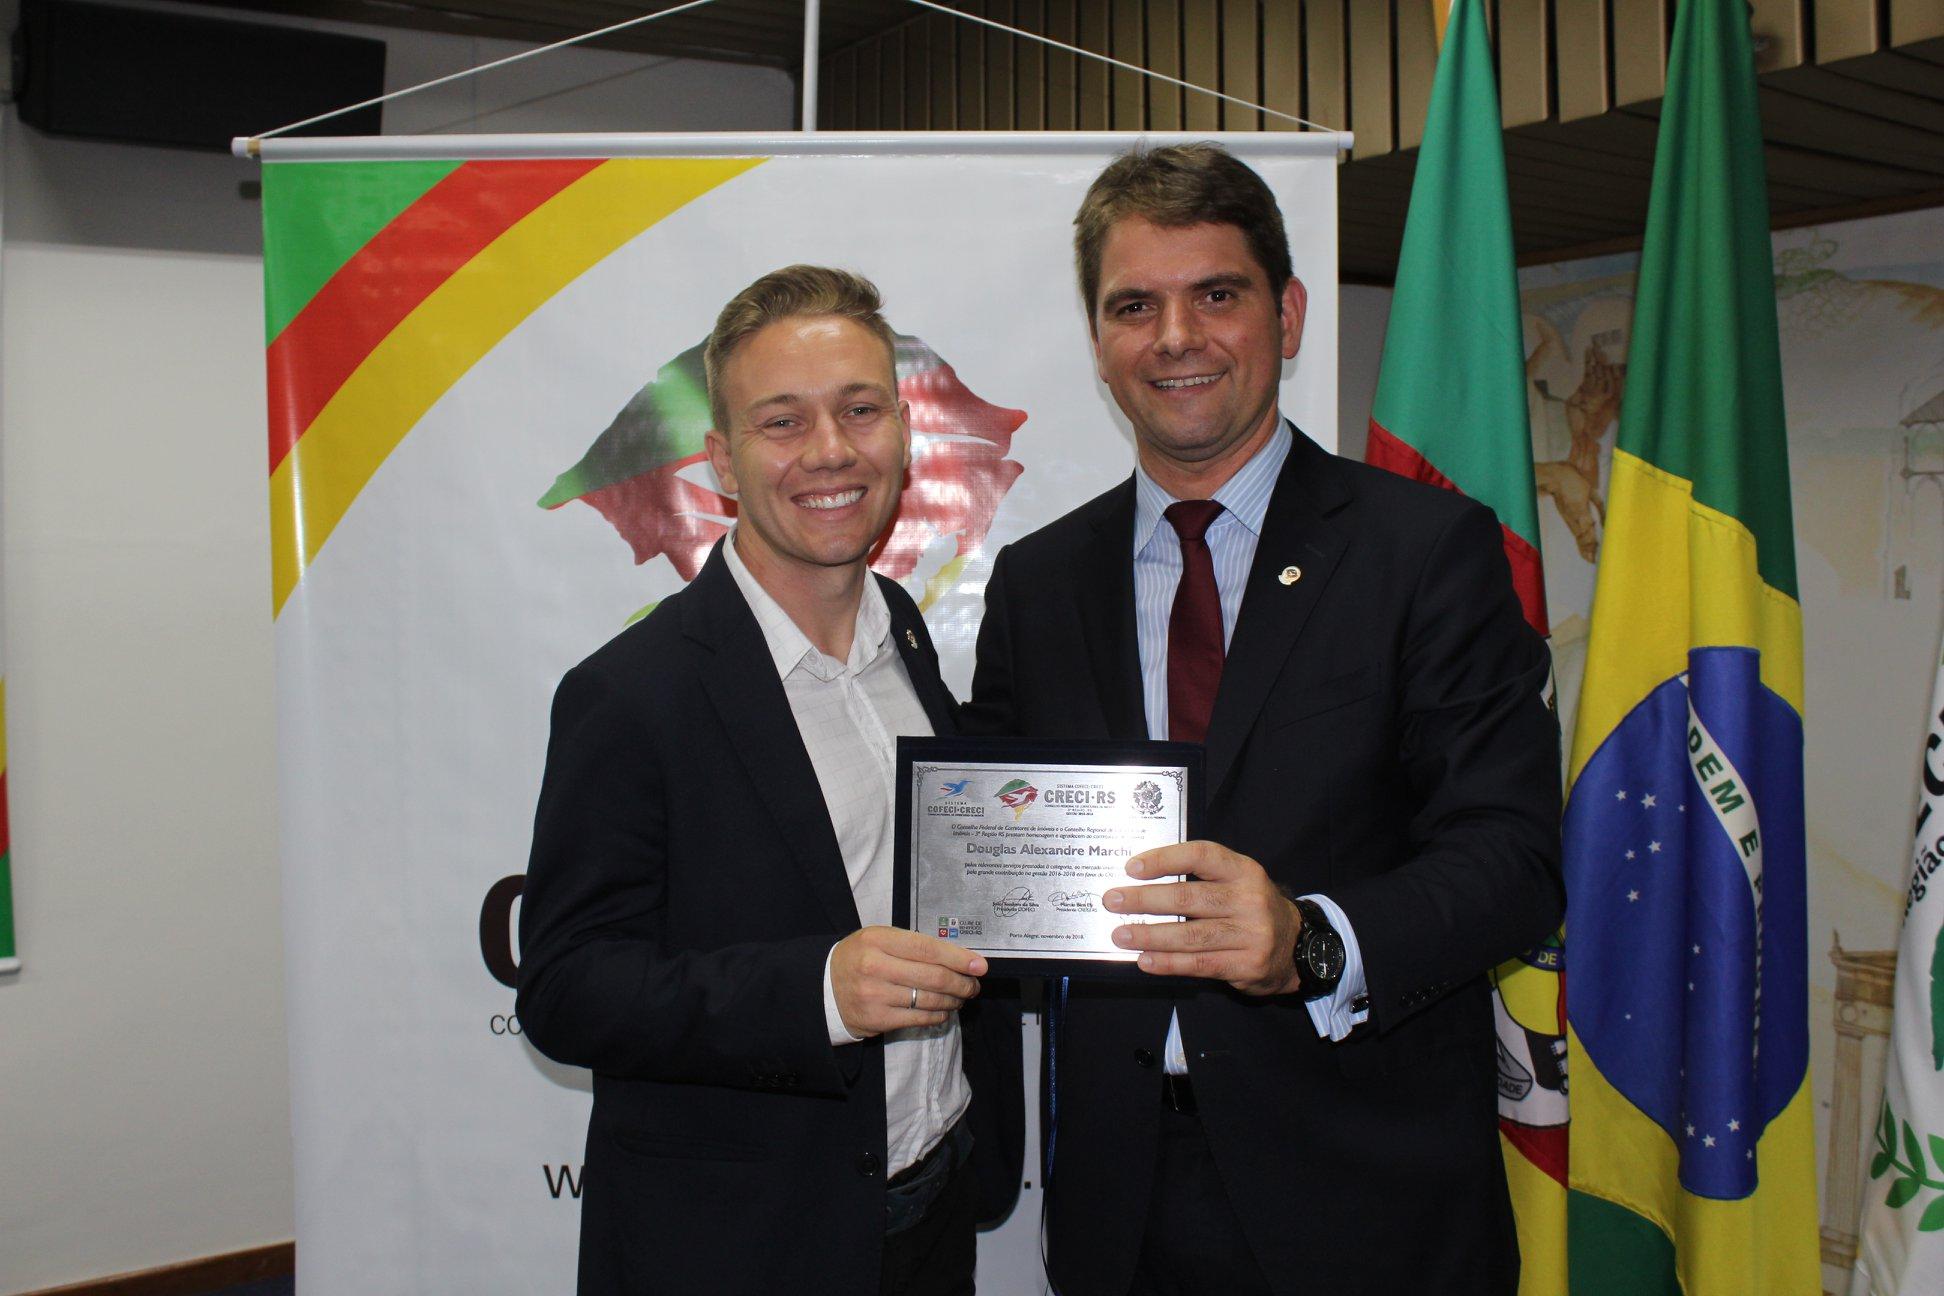 Douglas Marchi recebe homenagem como representante regional do Conselho de Corretores Imobiliários